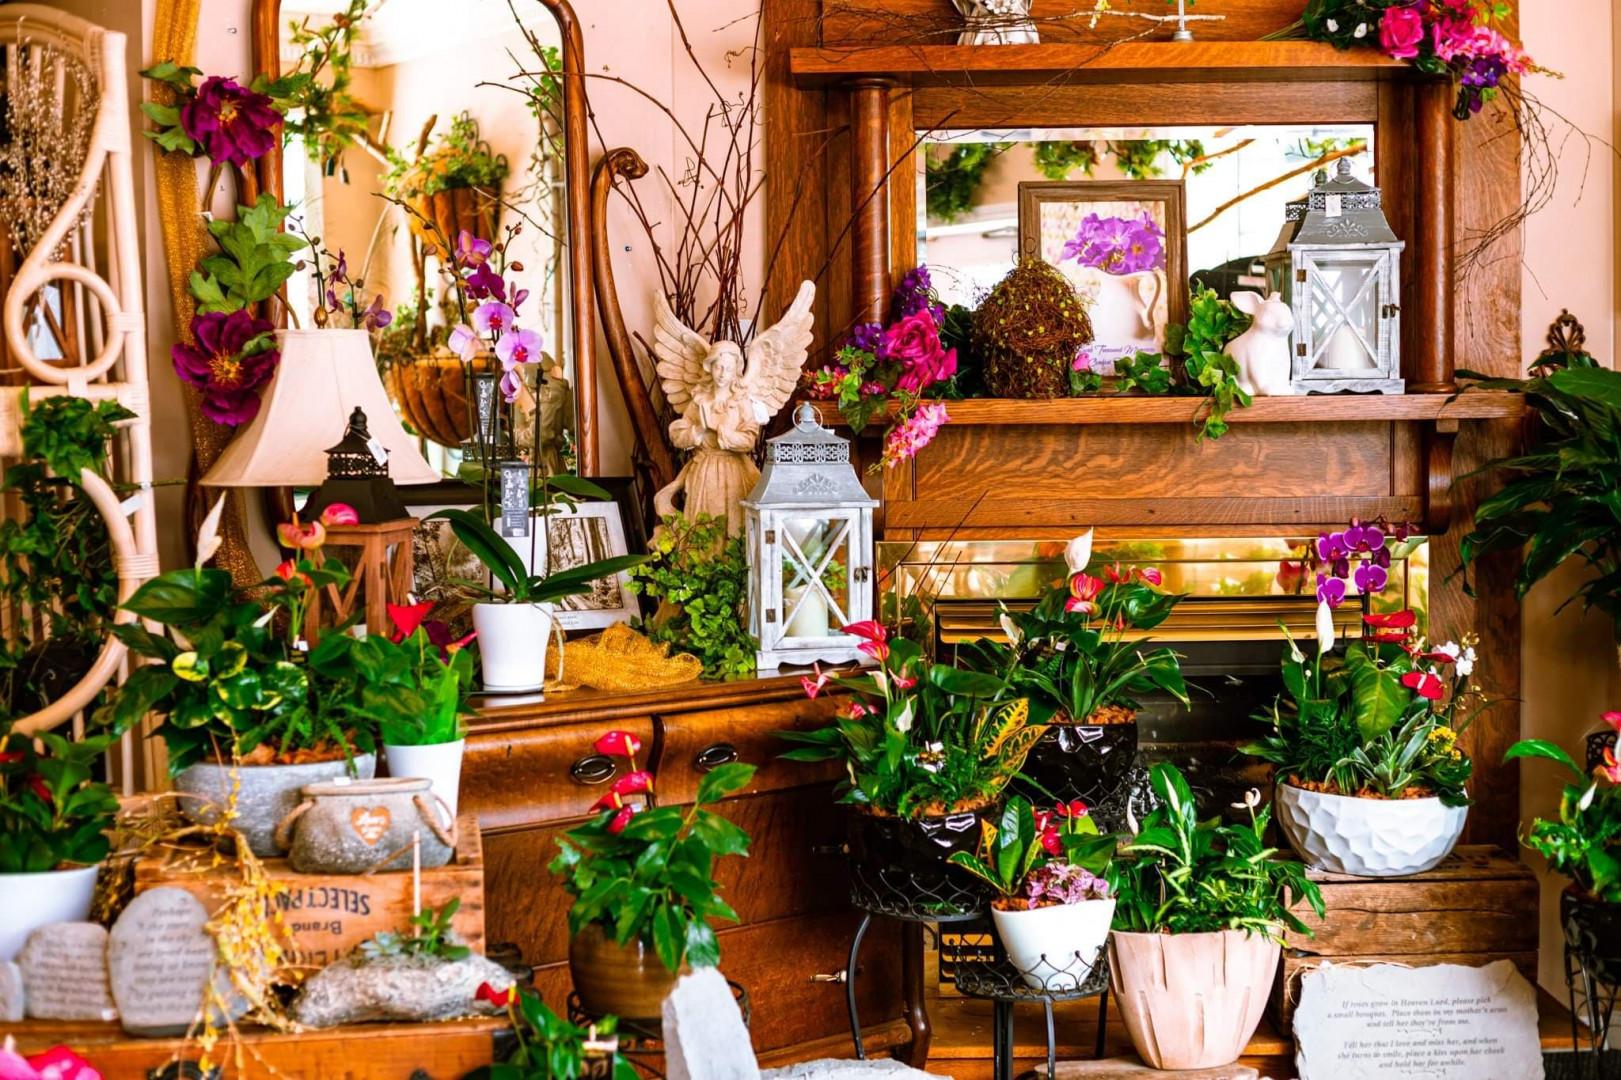 Marietta's Flower Gallery